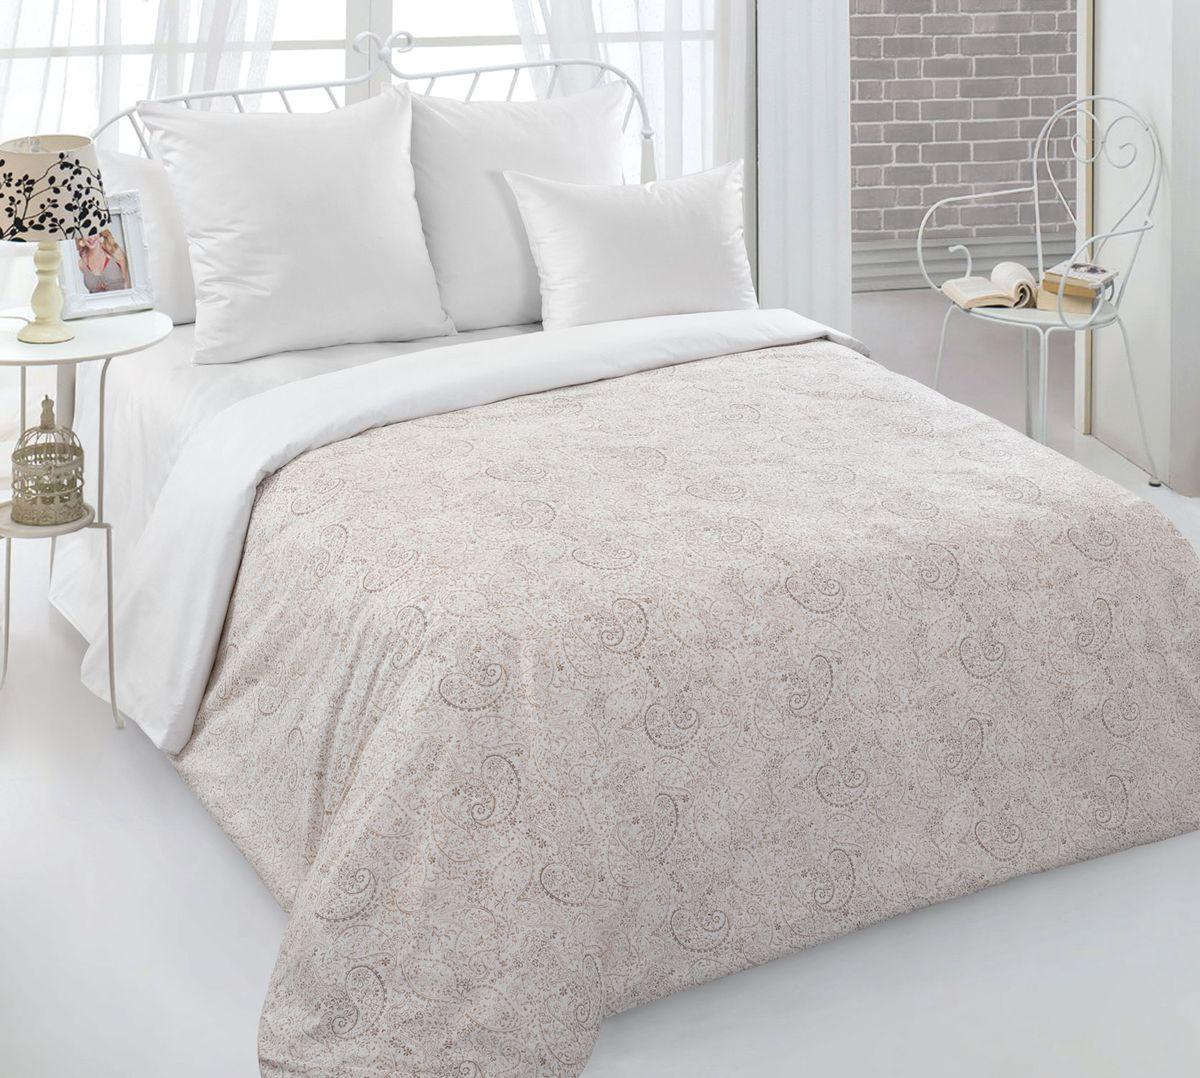 Комплект постельного белья 1,5-спальный, перкаль (Музыка времени)